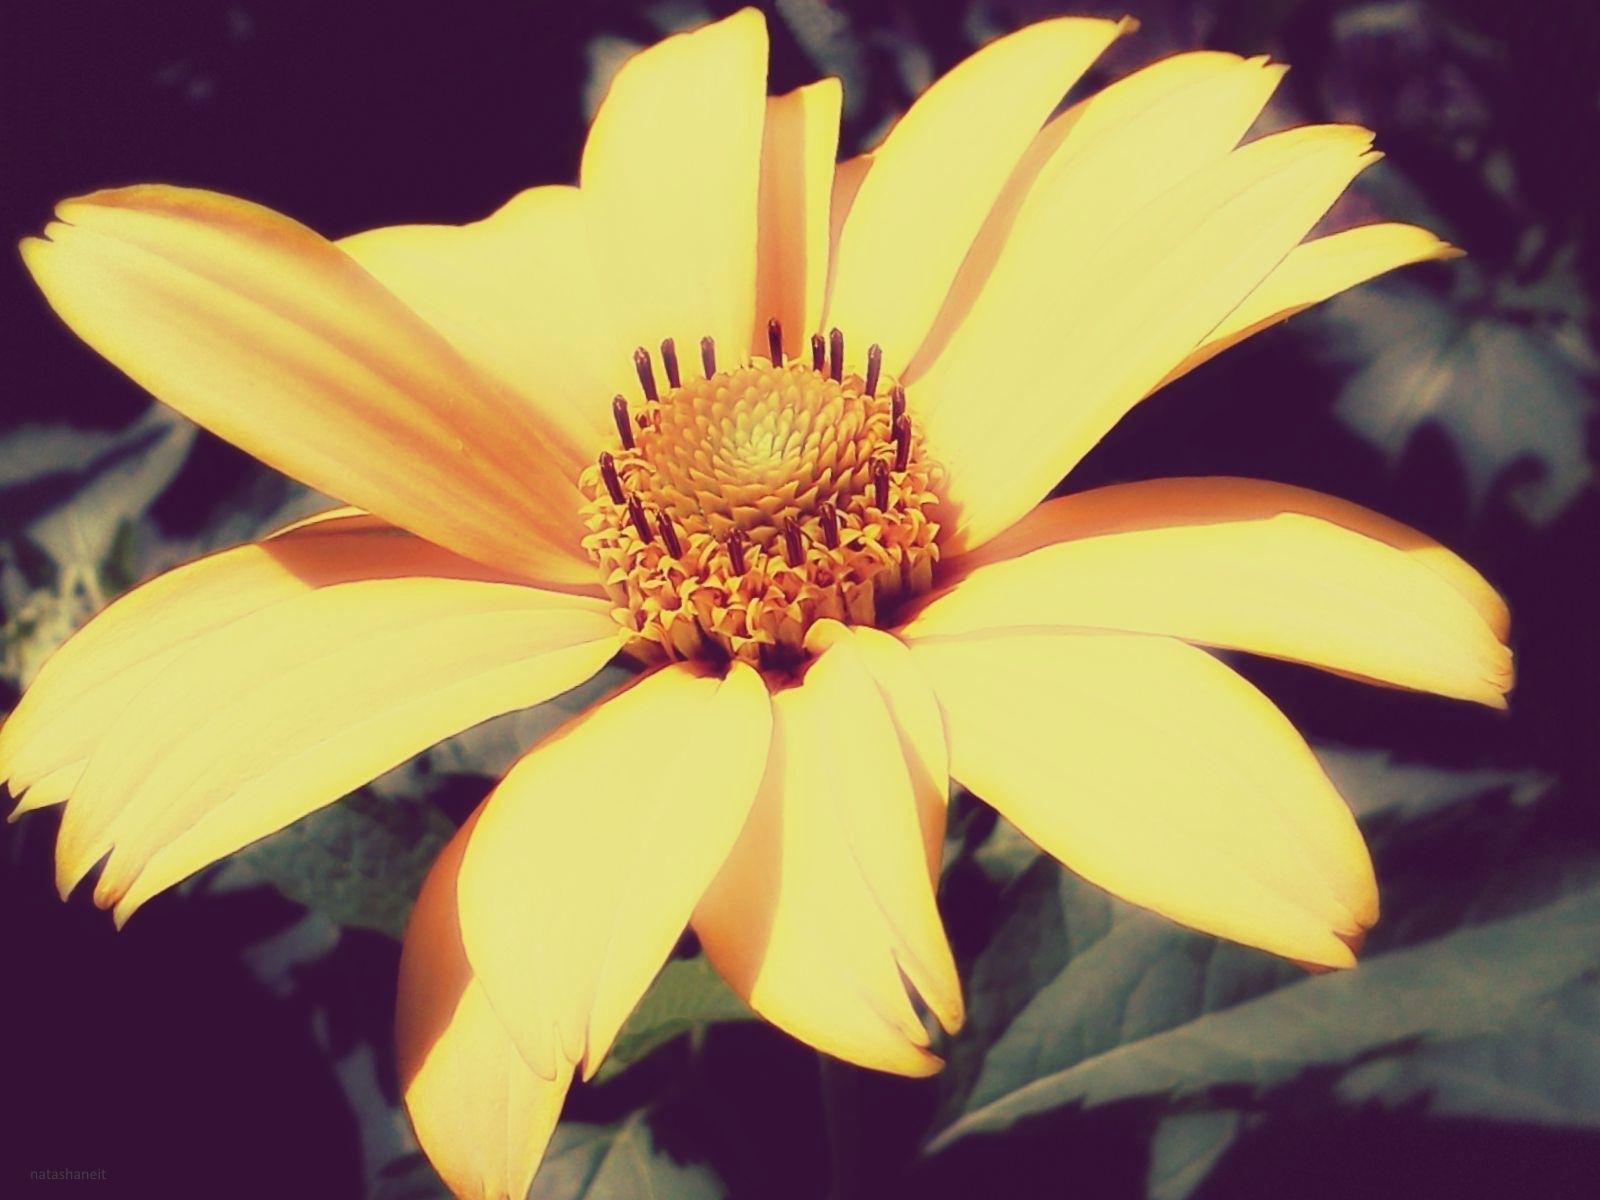 Yellow daisy by natashaneit